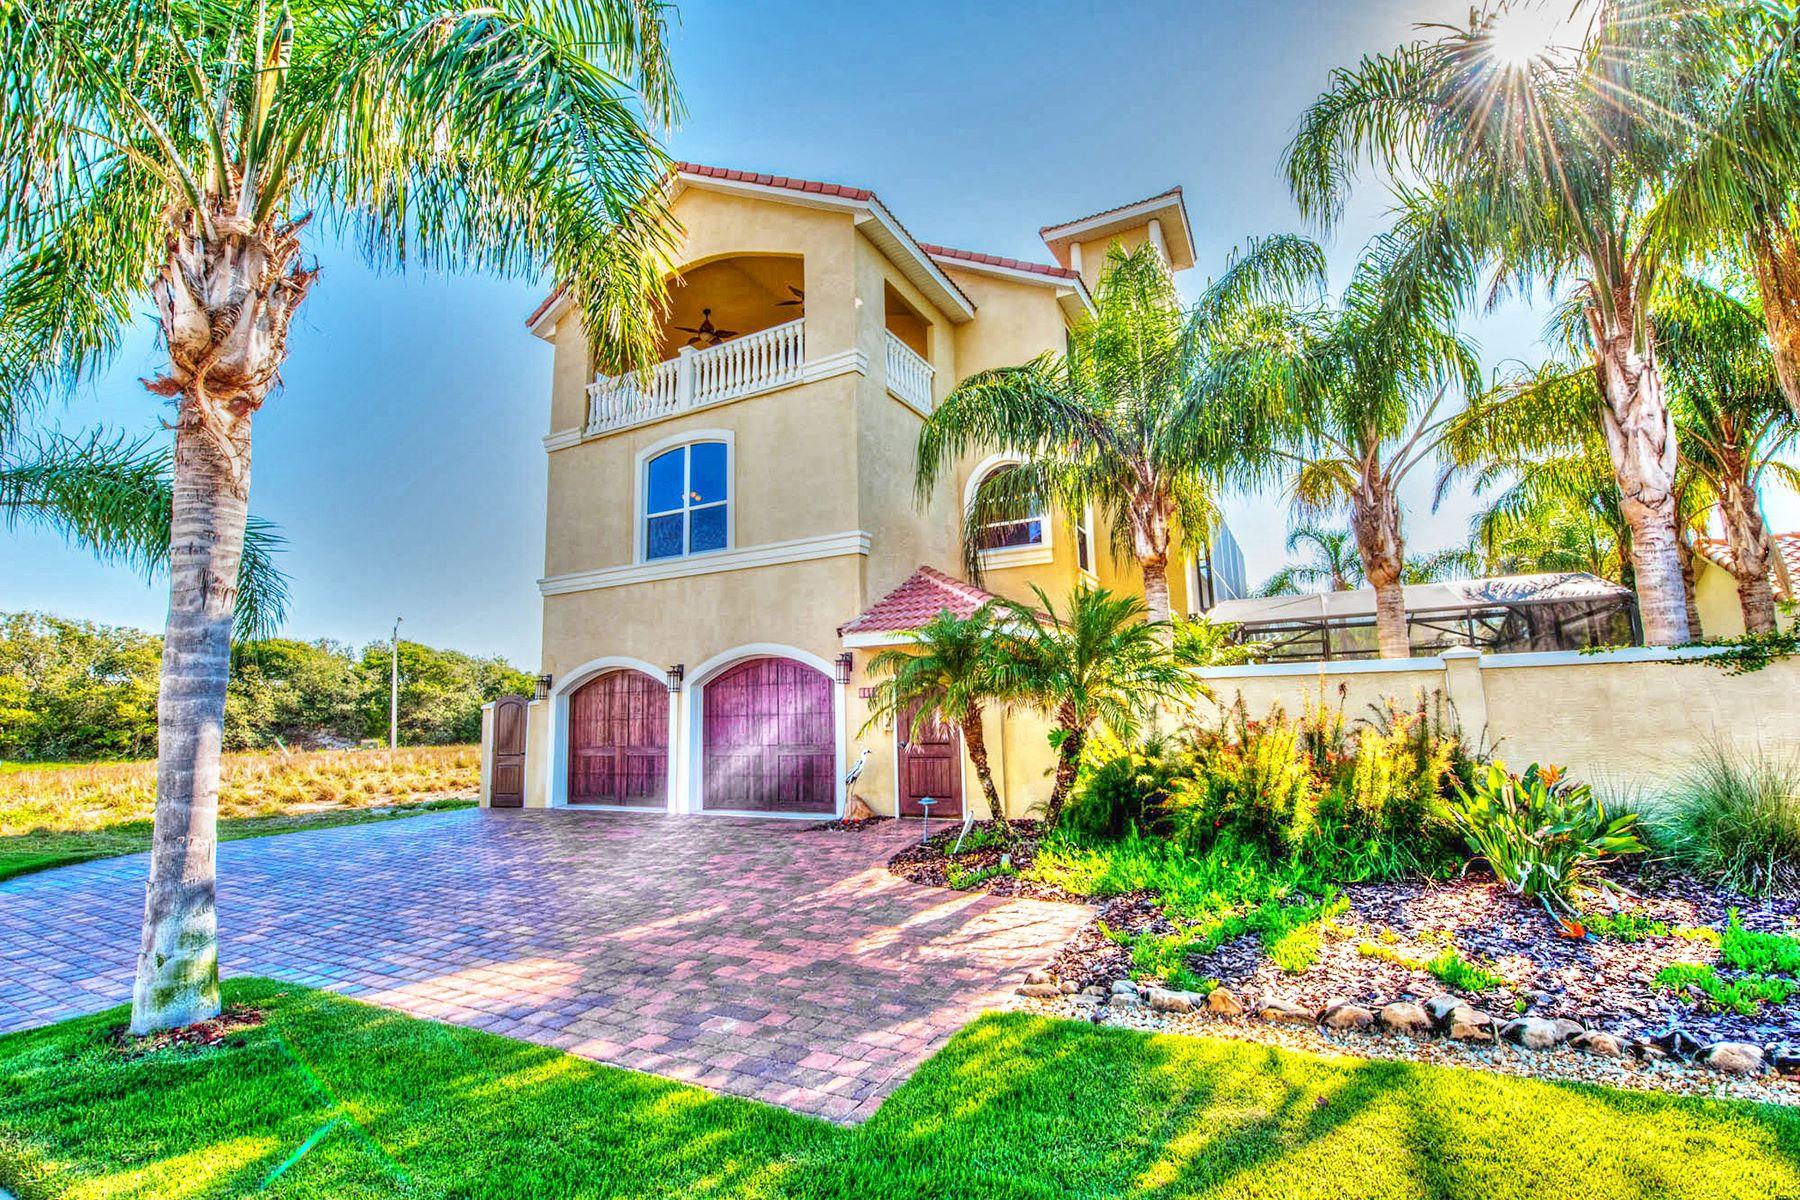 一戸建て のために 売買 アット ORMOND BEACH - Coquina Key 3729 Egret Dunes Dr Ormond Beach, フロリダ 32176 アメリカ合衆国